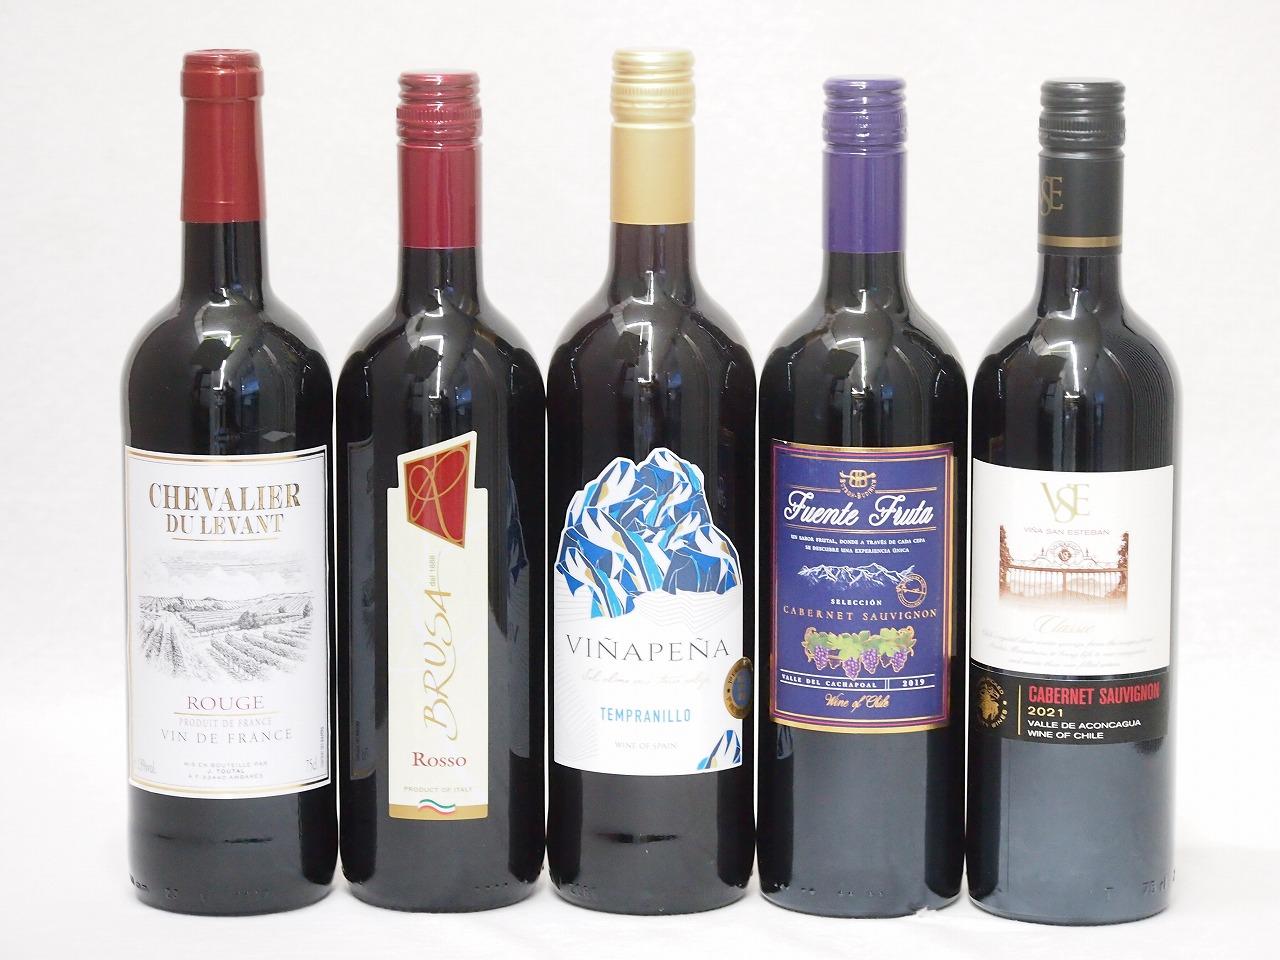 3セット セレクション 赤ワイン 5本×3セット ( スペインワイン 1本 フランスワイン 1本 イタリアワイン 1本 チリワイン 2本)計750ml×15本